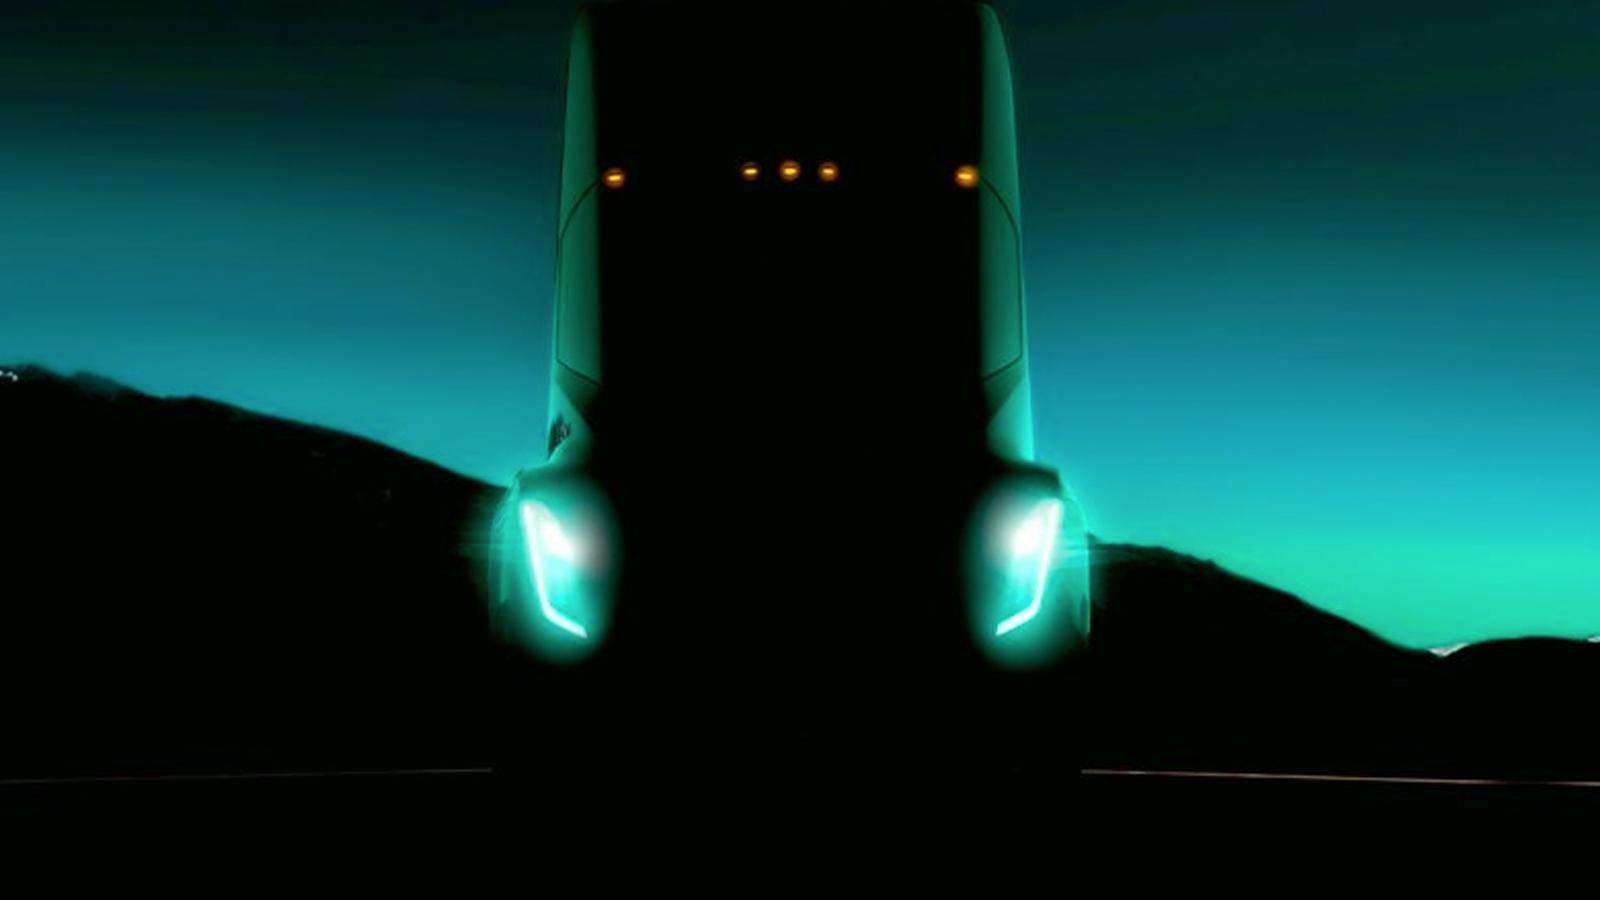 El próximo vehículo de Tesla es un tractocamión eléctrico